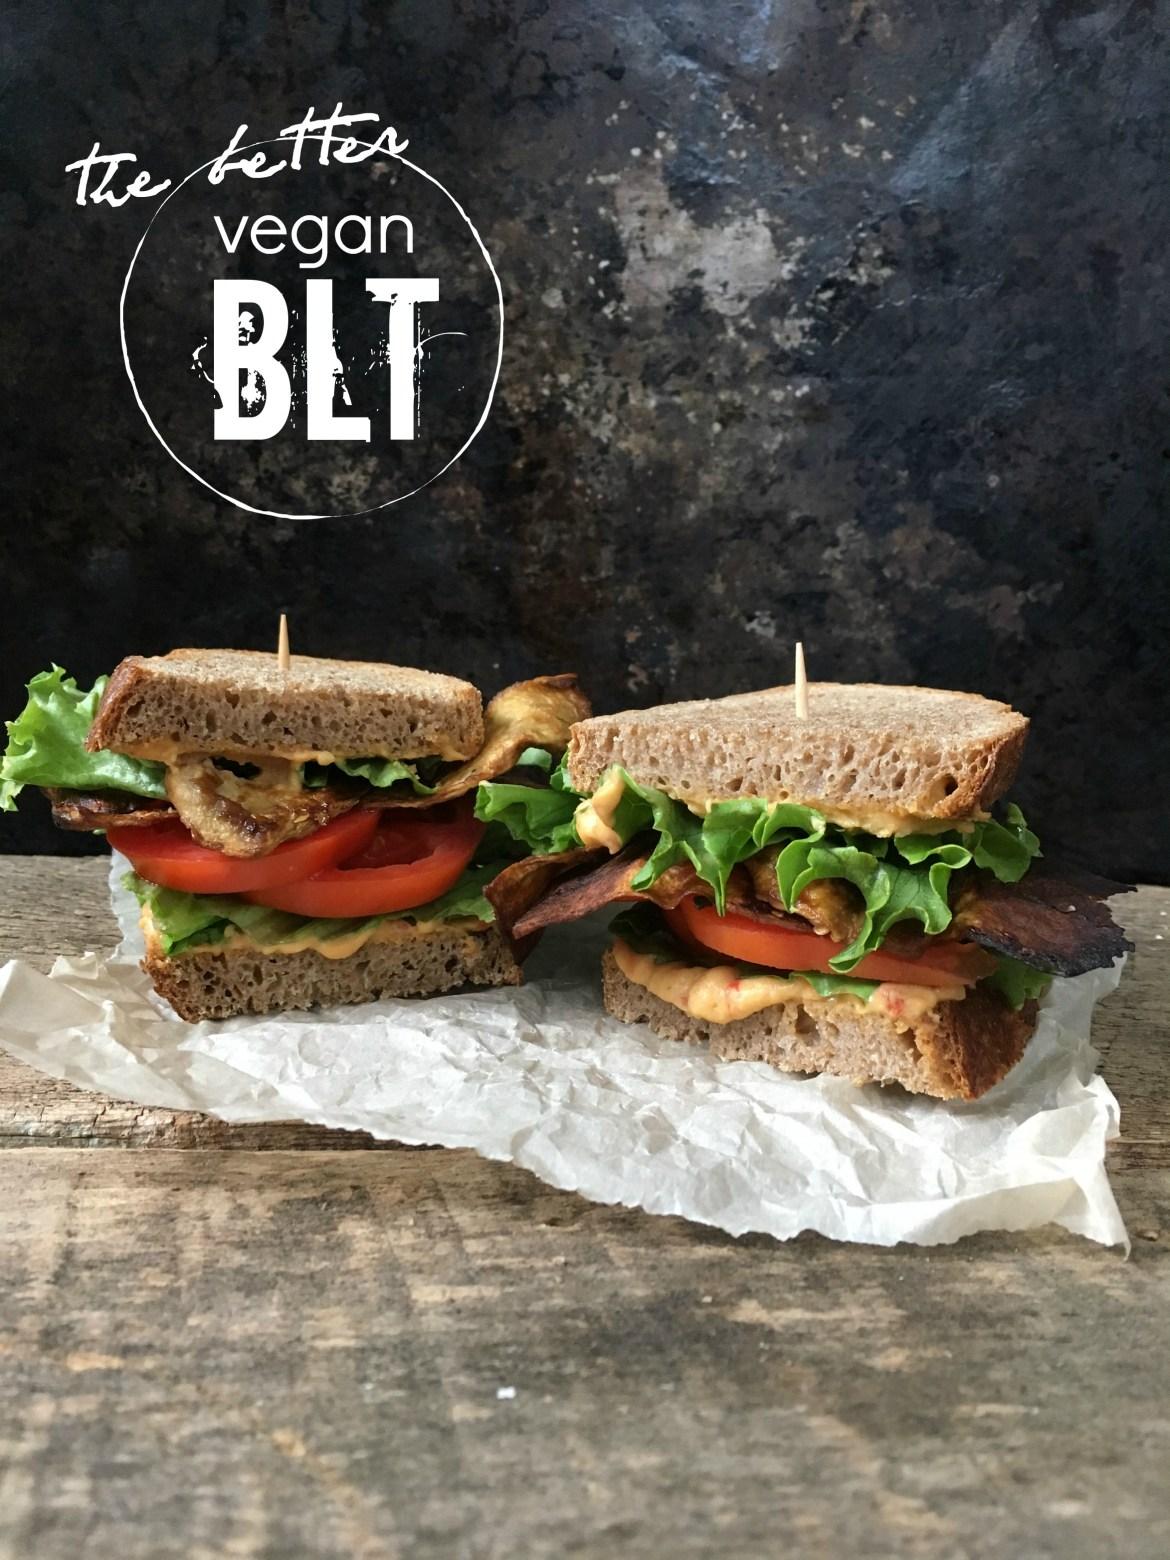 better vegan BLT